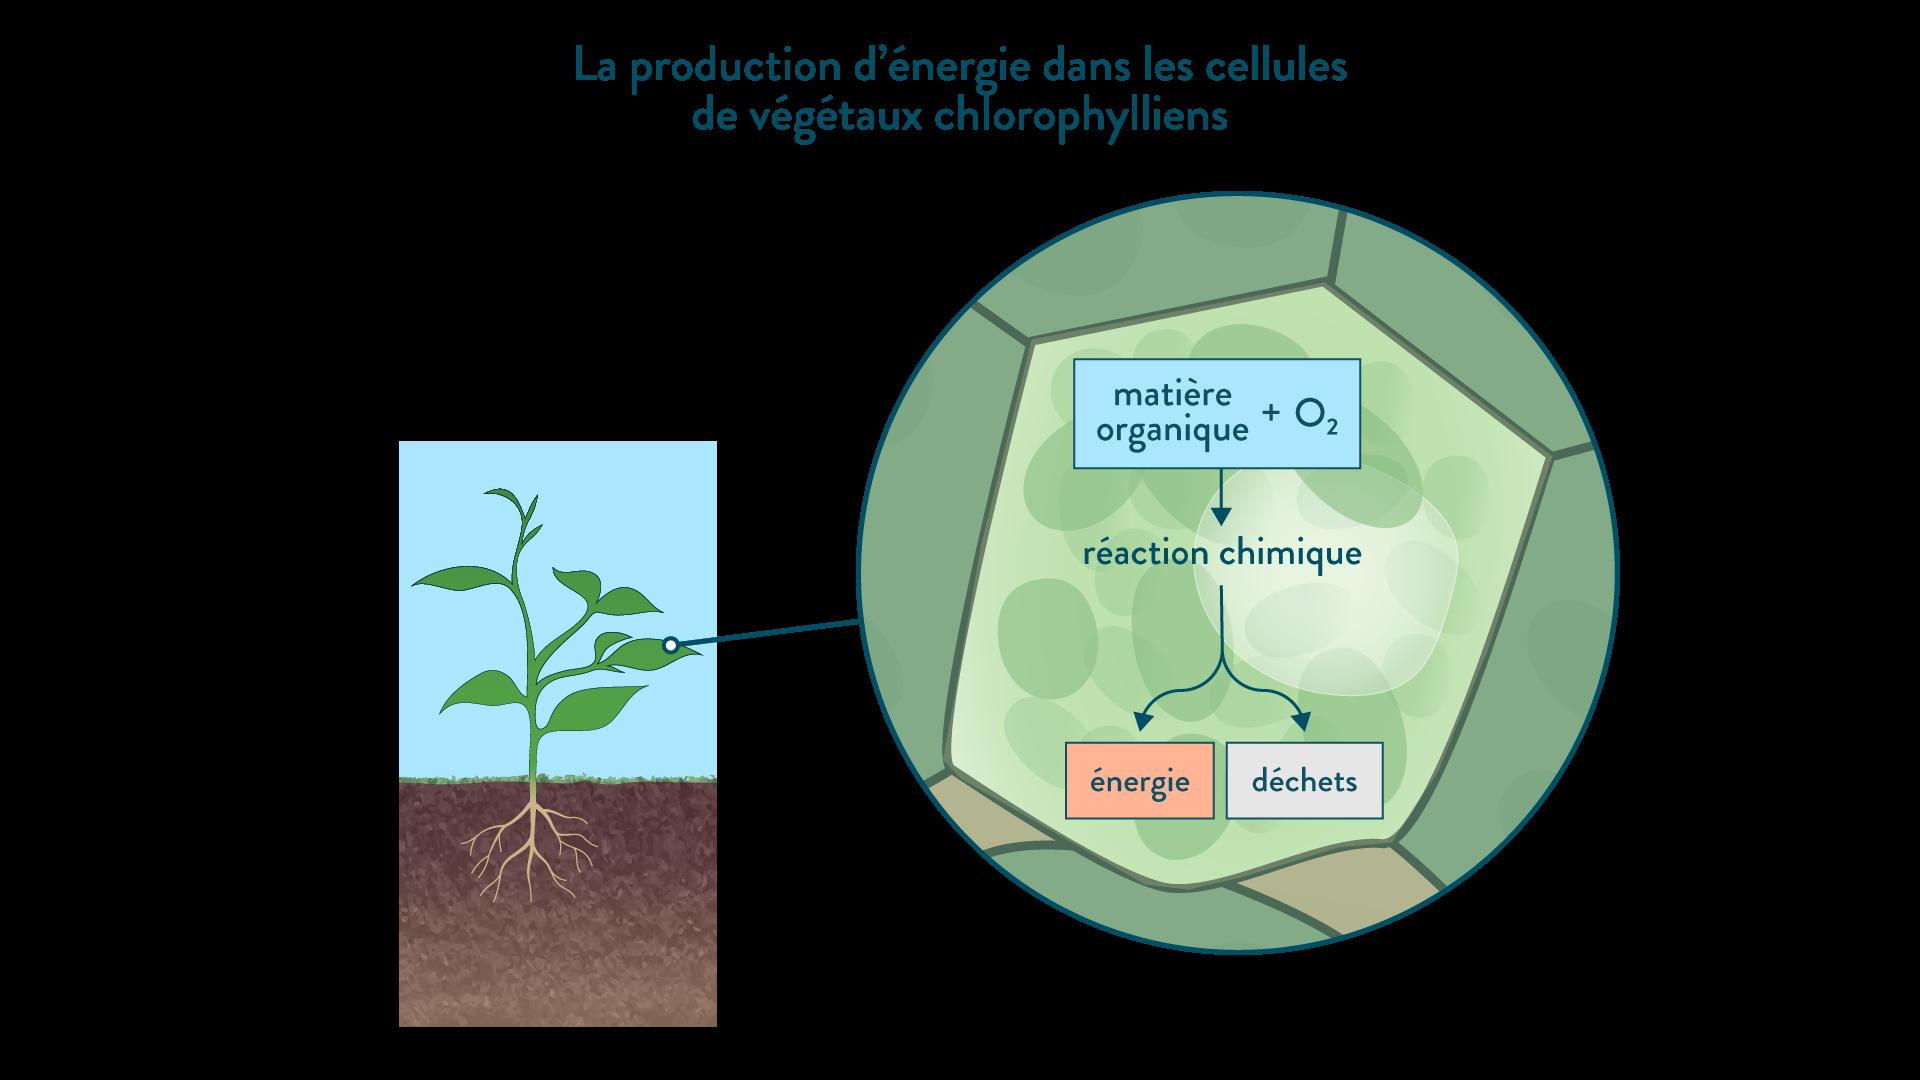 La production d'énergie dans les cellules chez les végétaux chlorophylliens